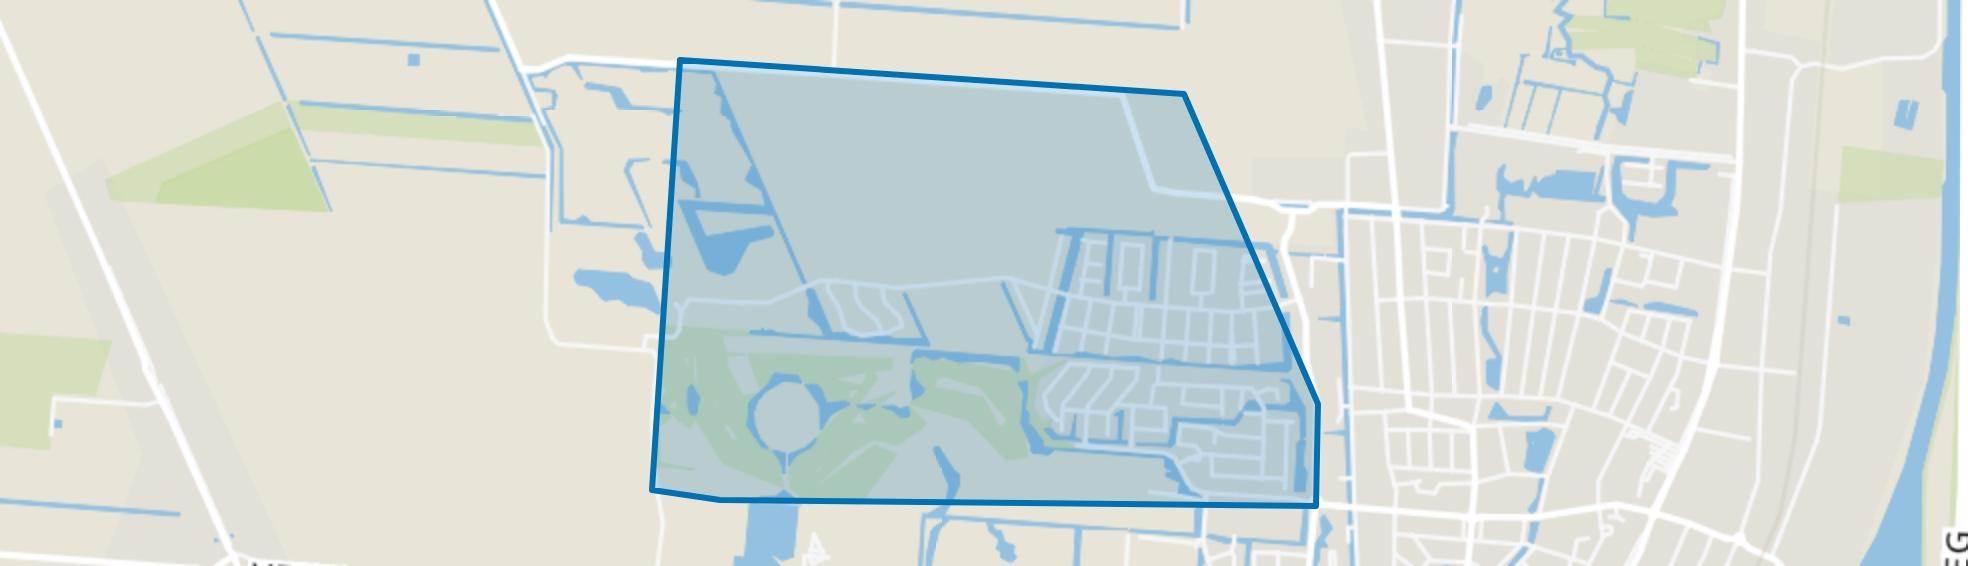 Buitenwoel, Veendam map